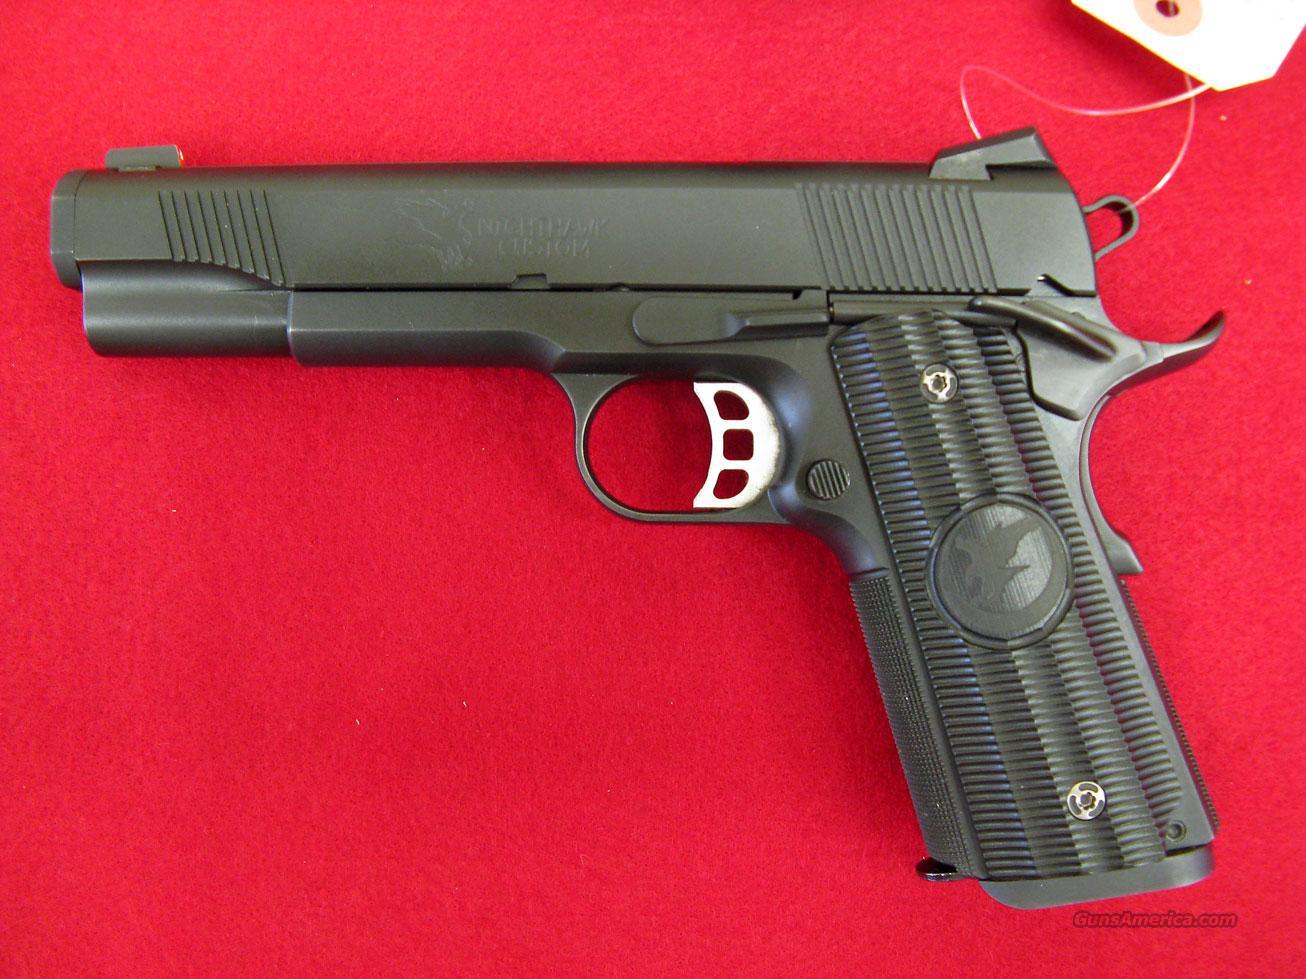 Nighthawk Predator 1911 45 ACP for sale